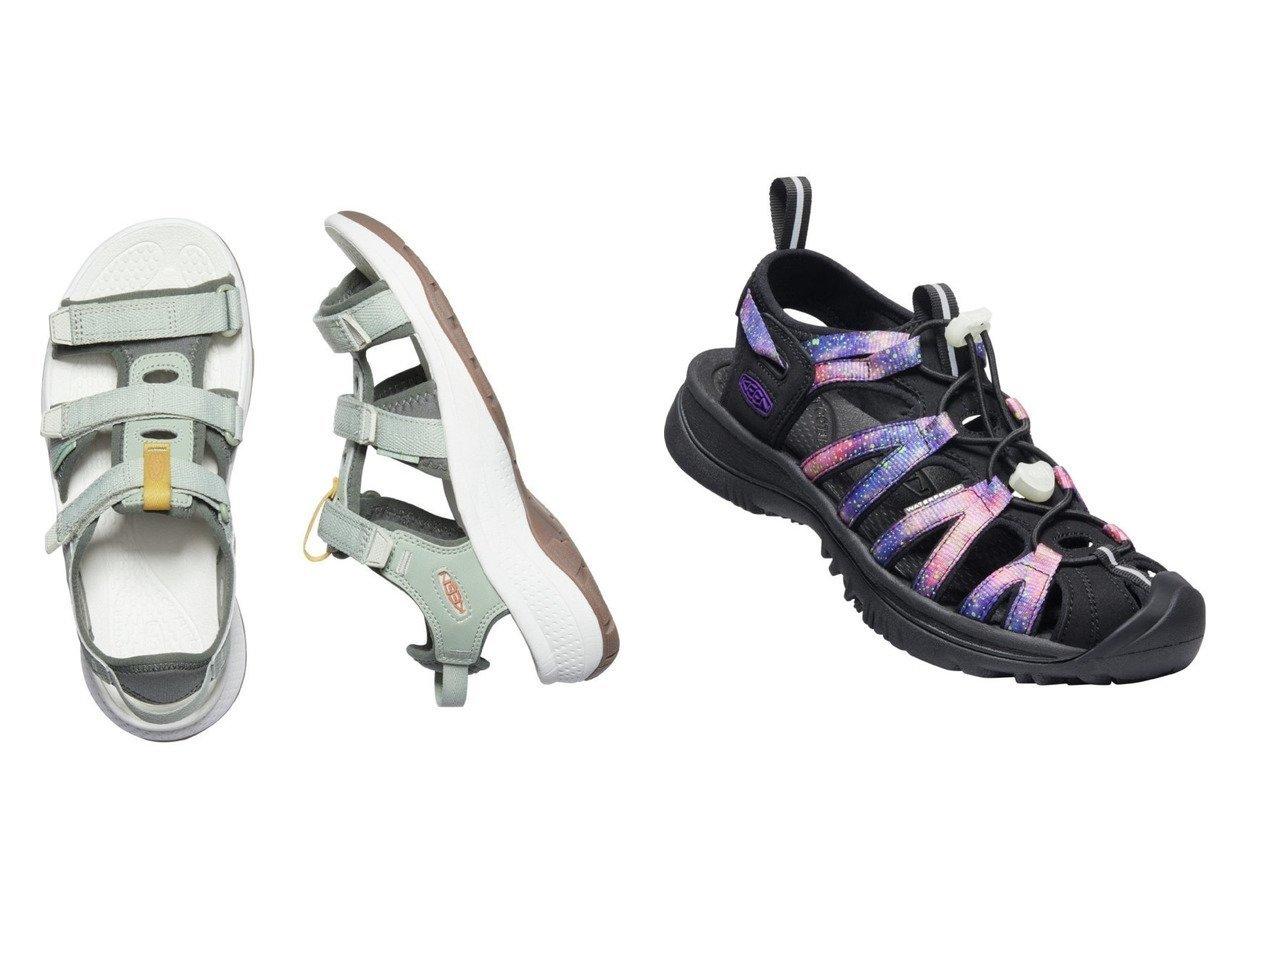 【KEEN/キーン】の(WOMEN)WHISPER&(WOMEN)ASTORIA WEST OPEN TOE 【シューズ・靴】おすすめ!人気、トレンド・レディースファッションの通販 おすすめで人気の流行・トレンド、ファッションの通販商品 メンズファッション・キッズファッション・インテリア・家具・レディースファッション・服の通販 founy(ファニー) https://founy.com/ ファッション Fashion レディースファッション WOMEN ウォッシャブル クッション 軽量 サンダル シューズ シンプル フィット フェミニン ミュール ライニング ラバー タオル ビーチ NEW・新作・新着・新入荷 New Arrivals |ID:crp329100000038586